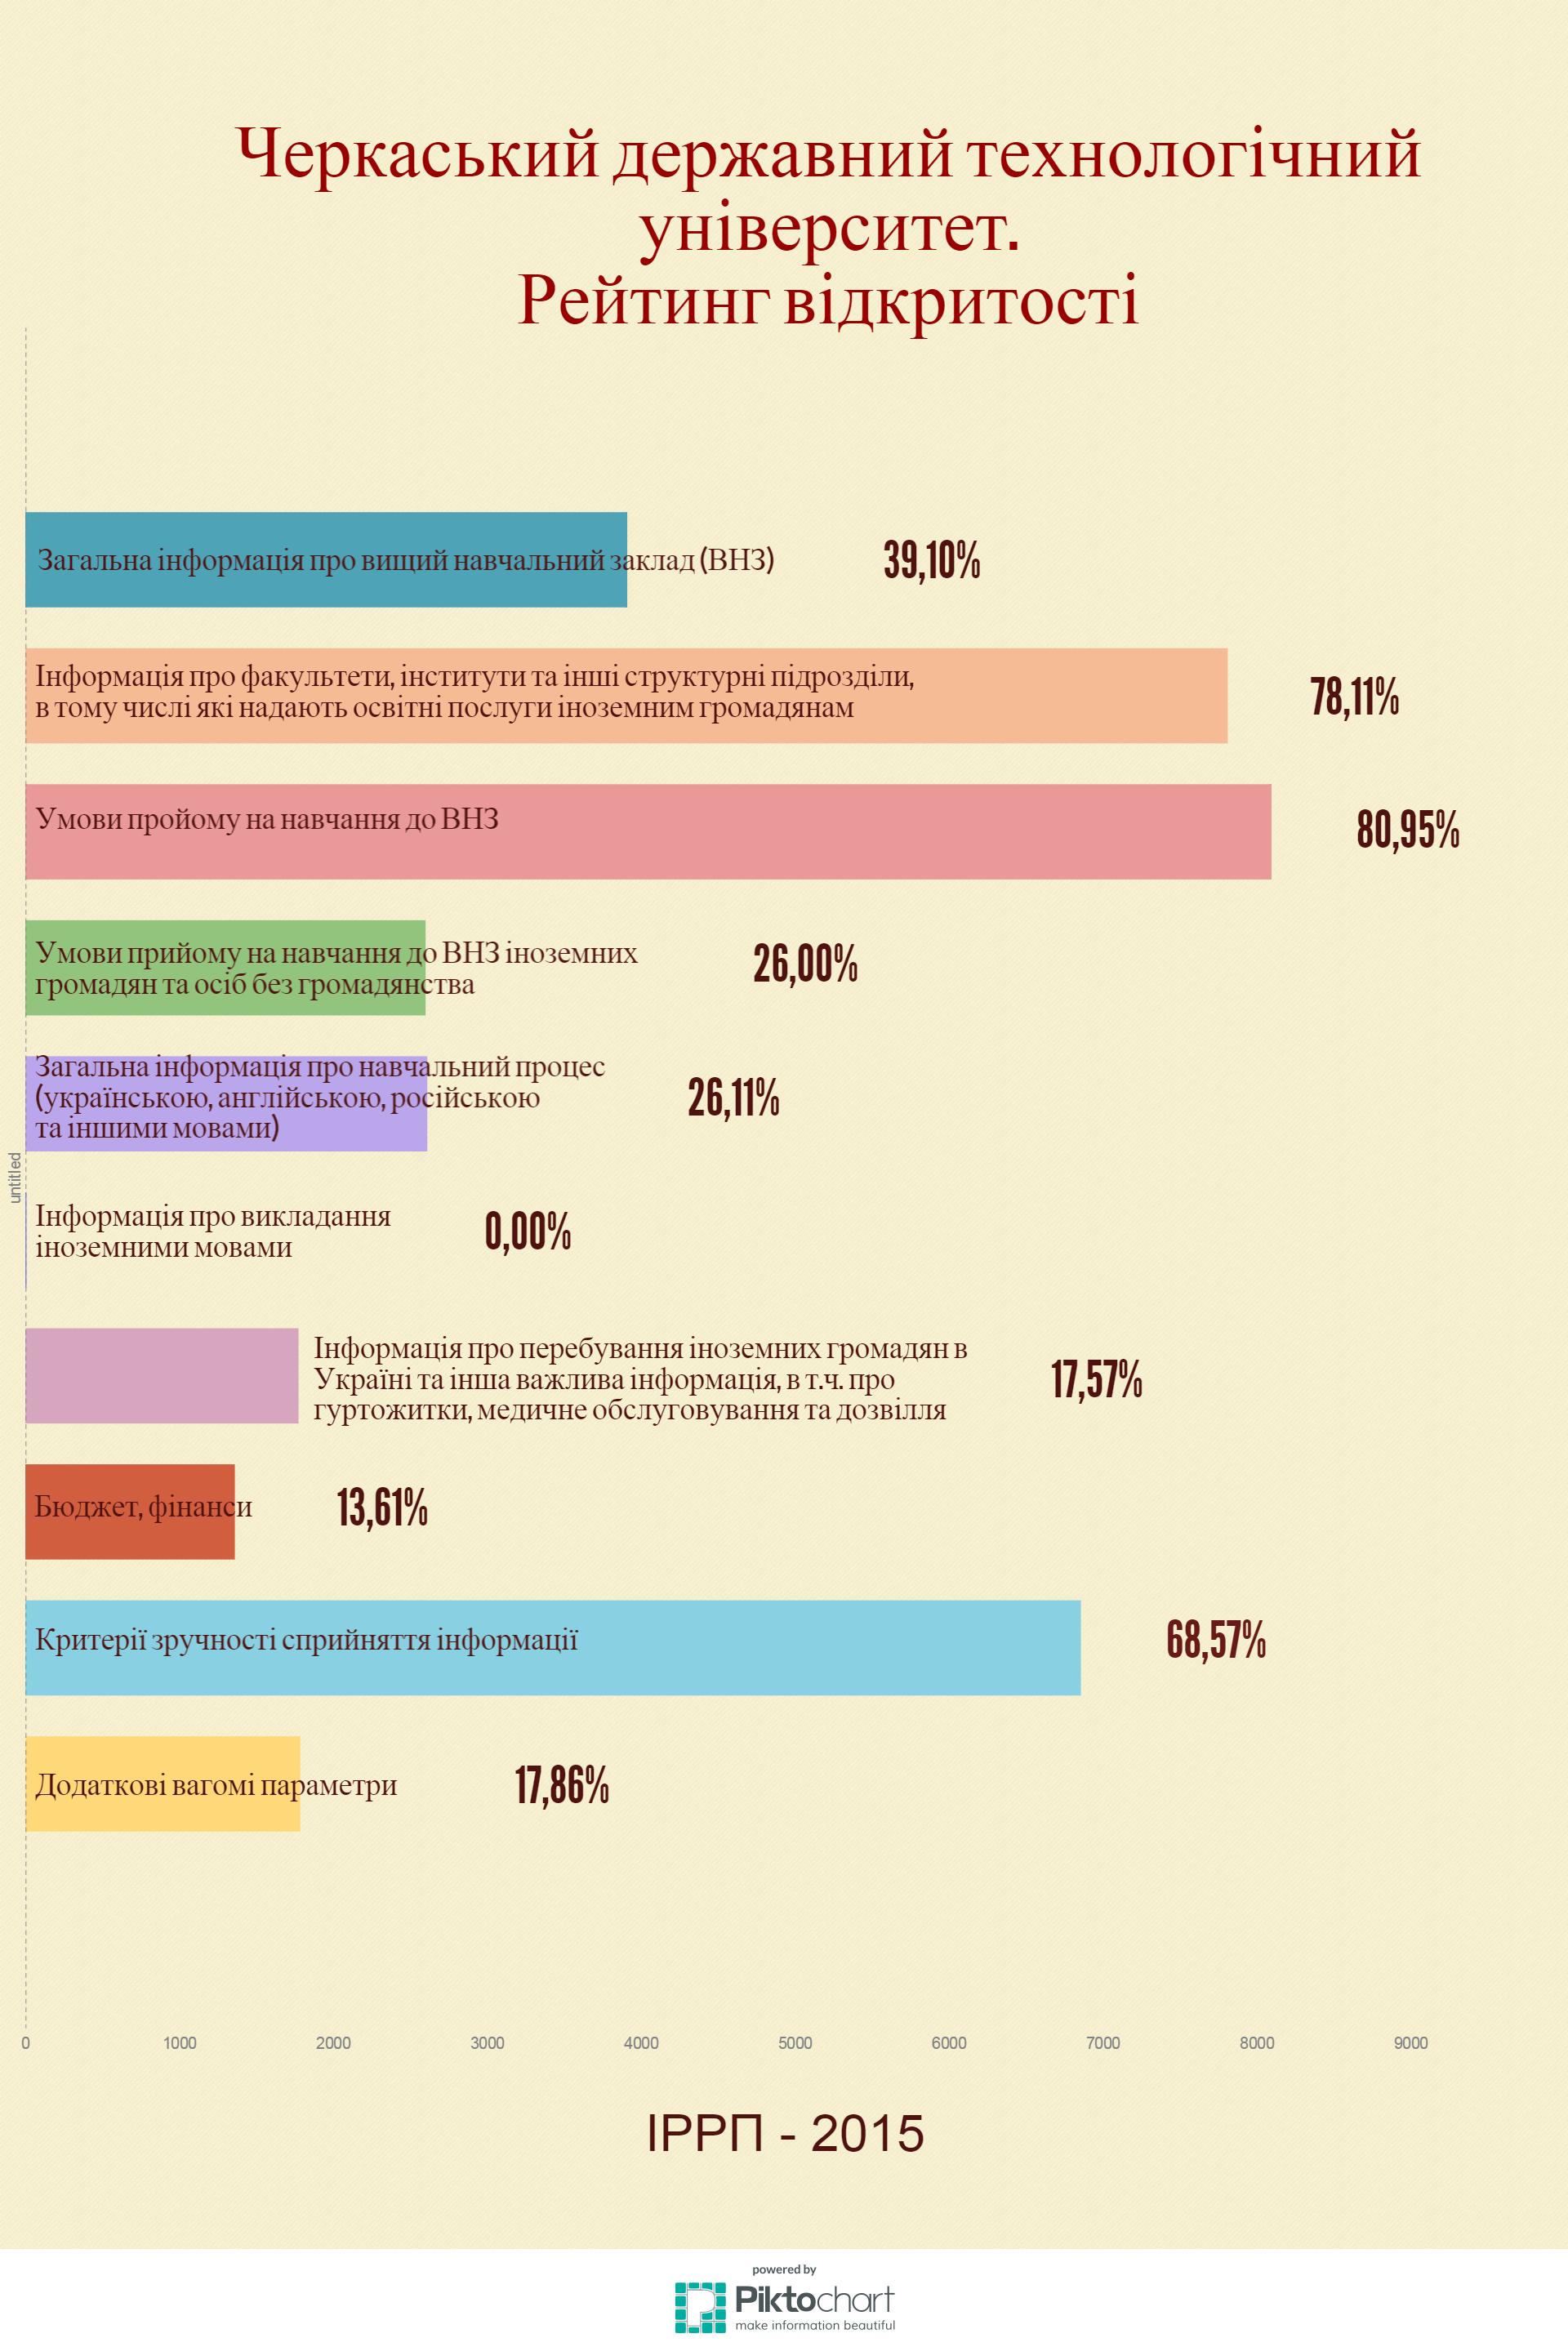 Інфографіка рейтингів відкритості веб-сайтів вищих навчальних закладів України